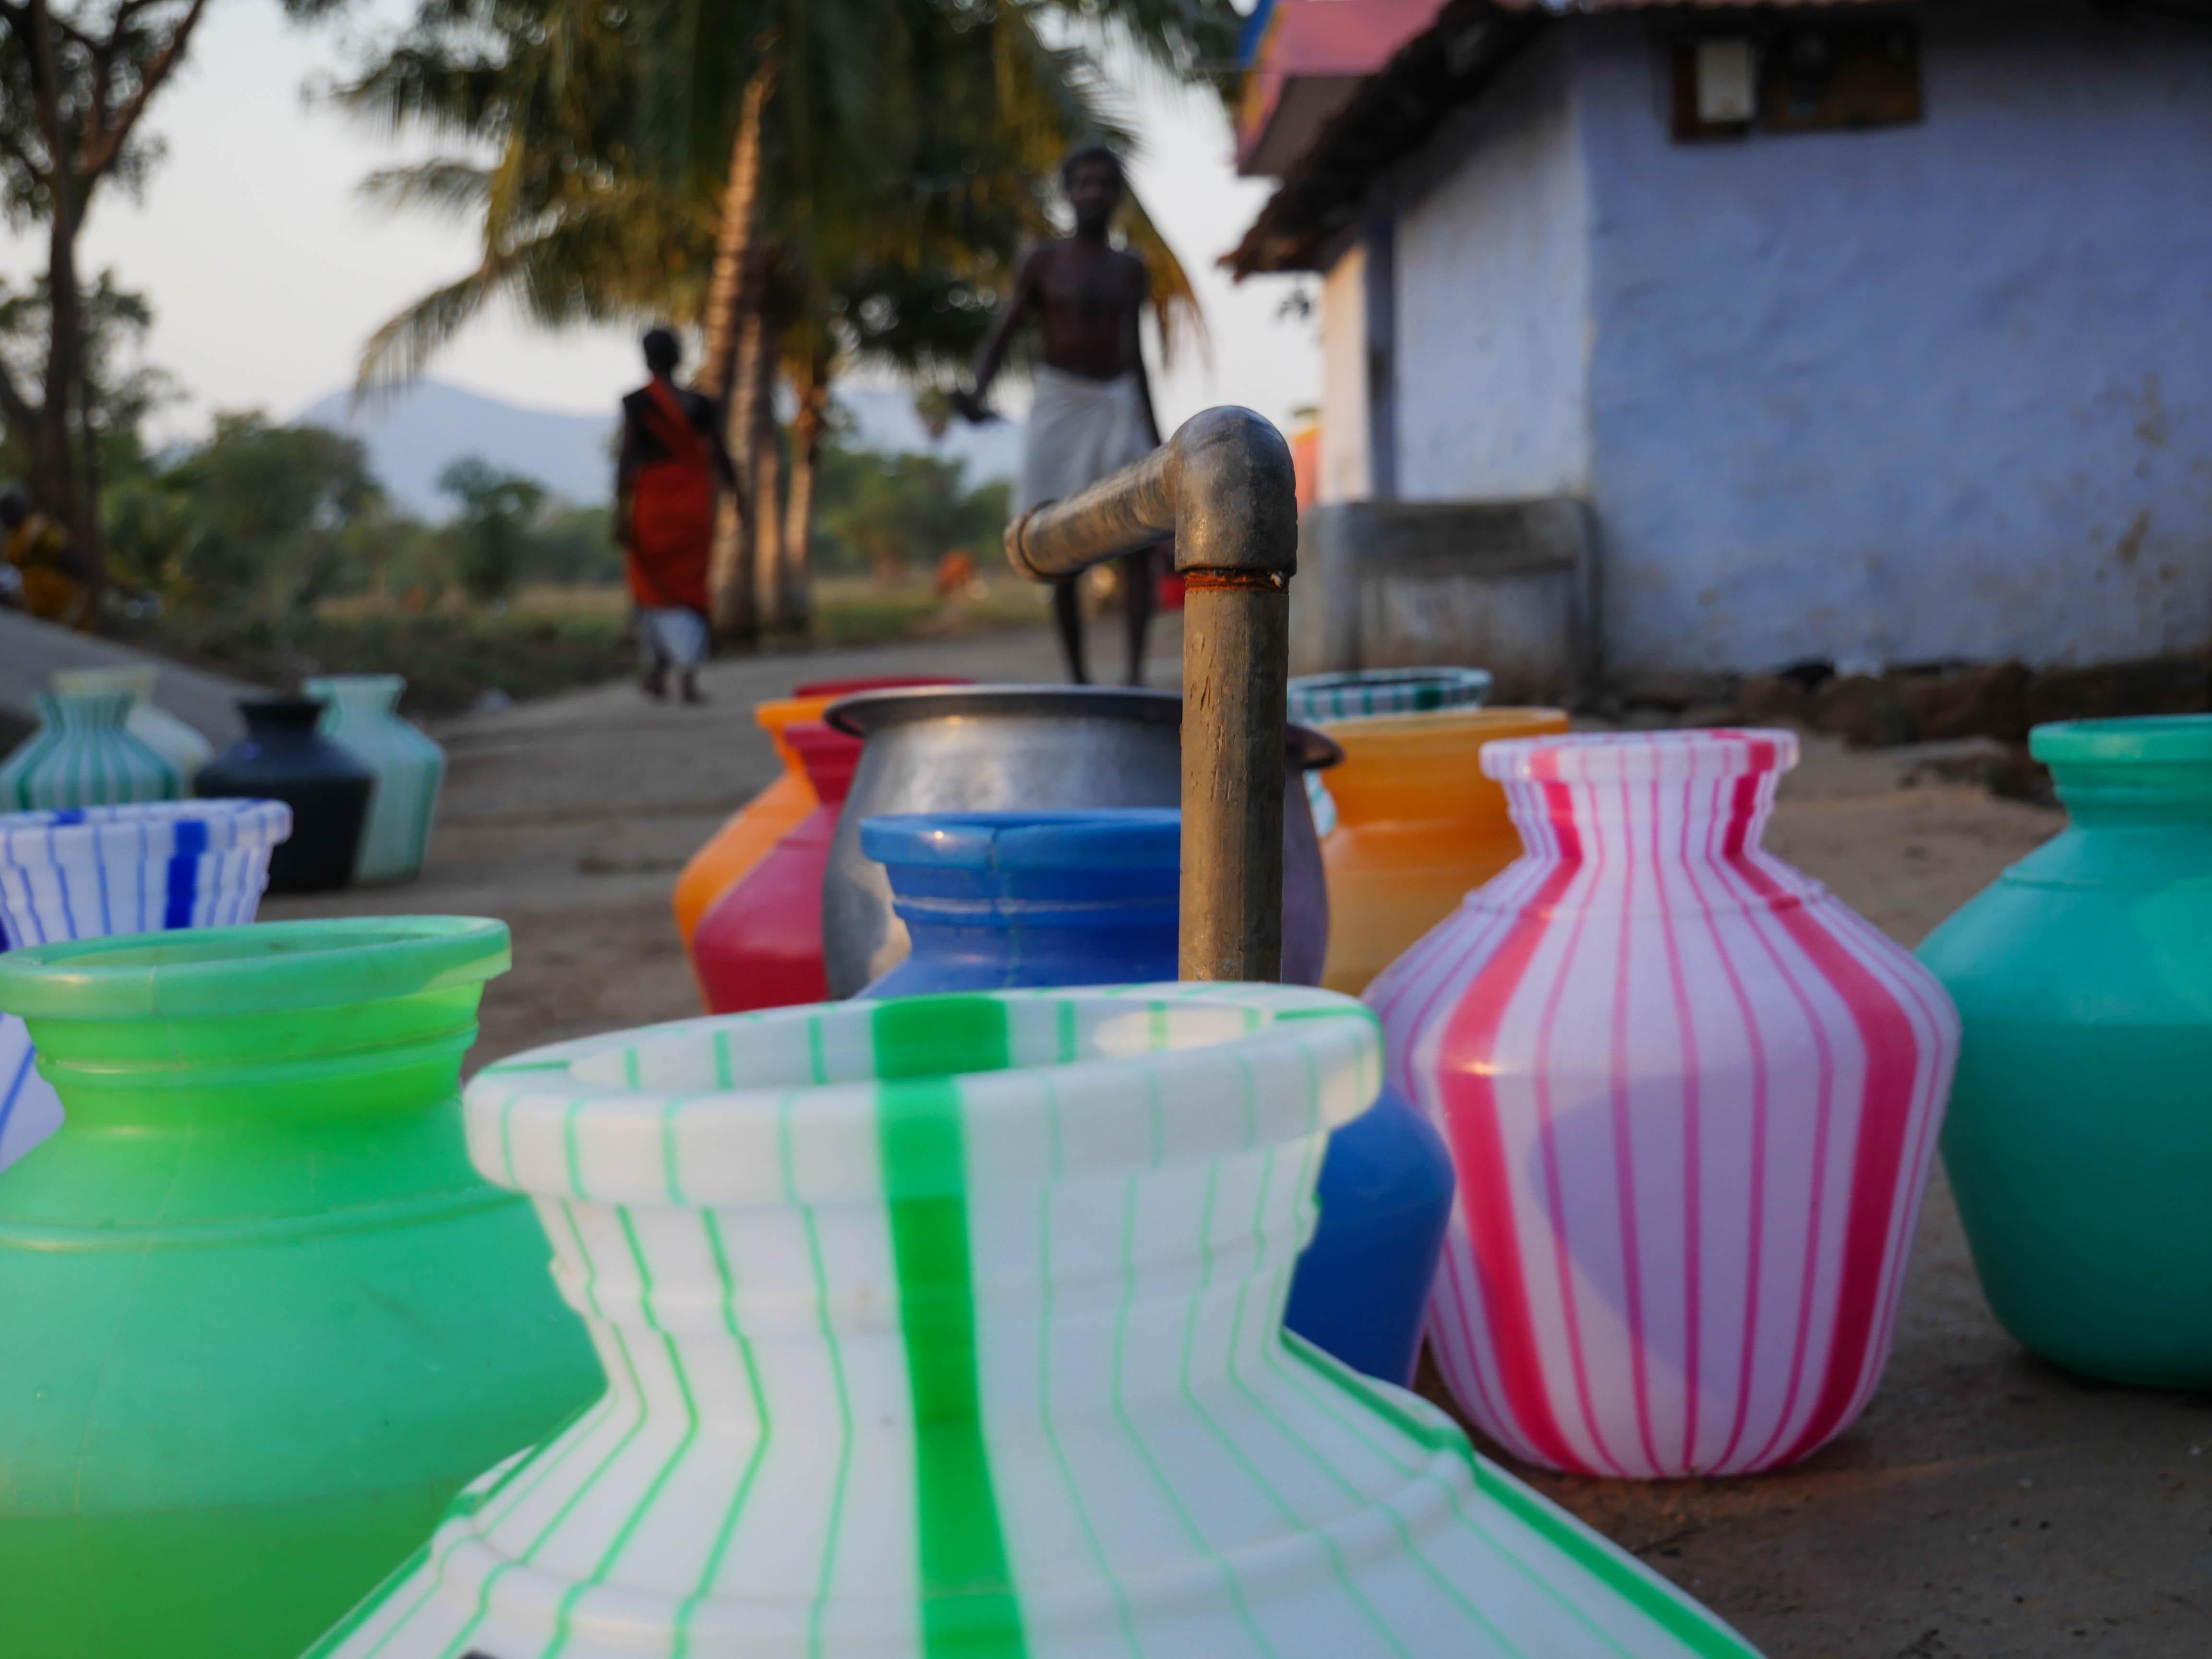 Byborna i Pappinayakanpatti hämtar vatten två gånger i veckan. Foto: Rebecka Strand.